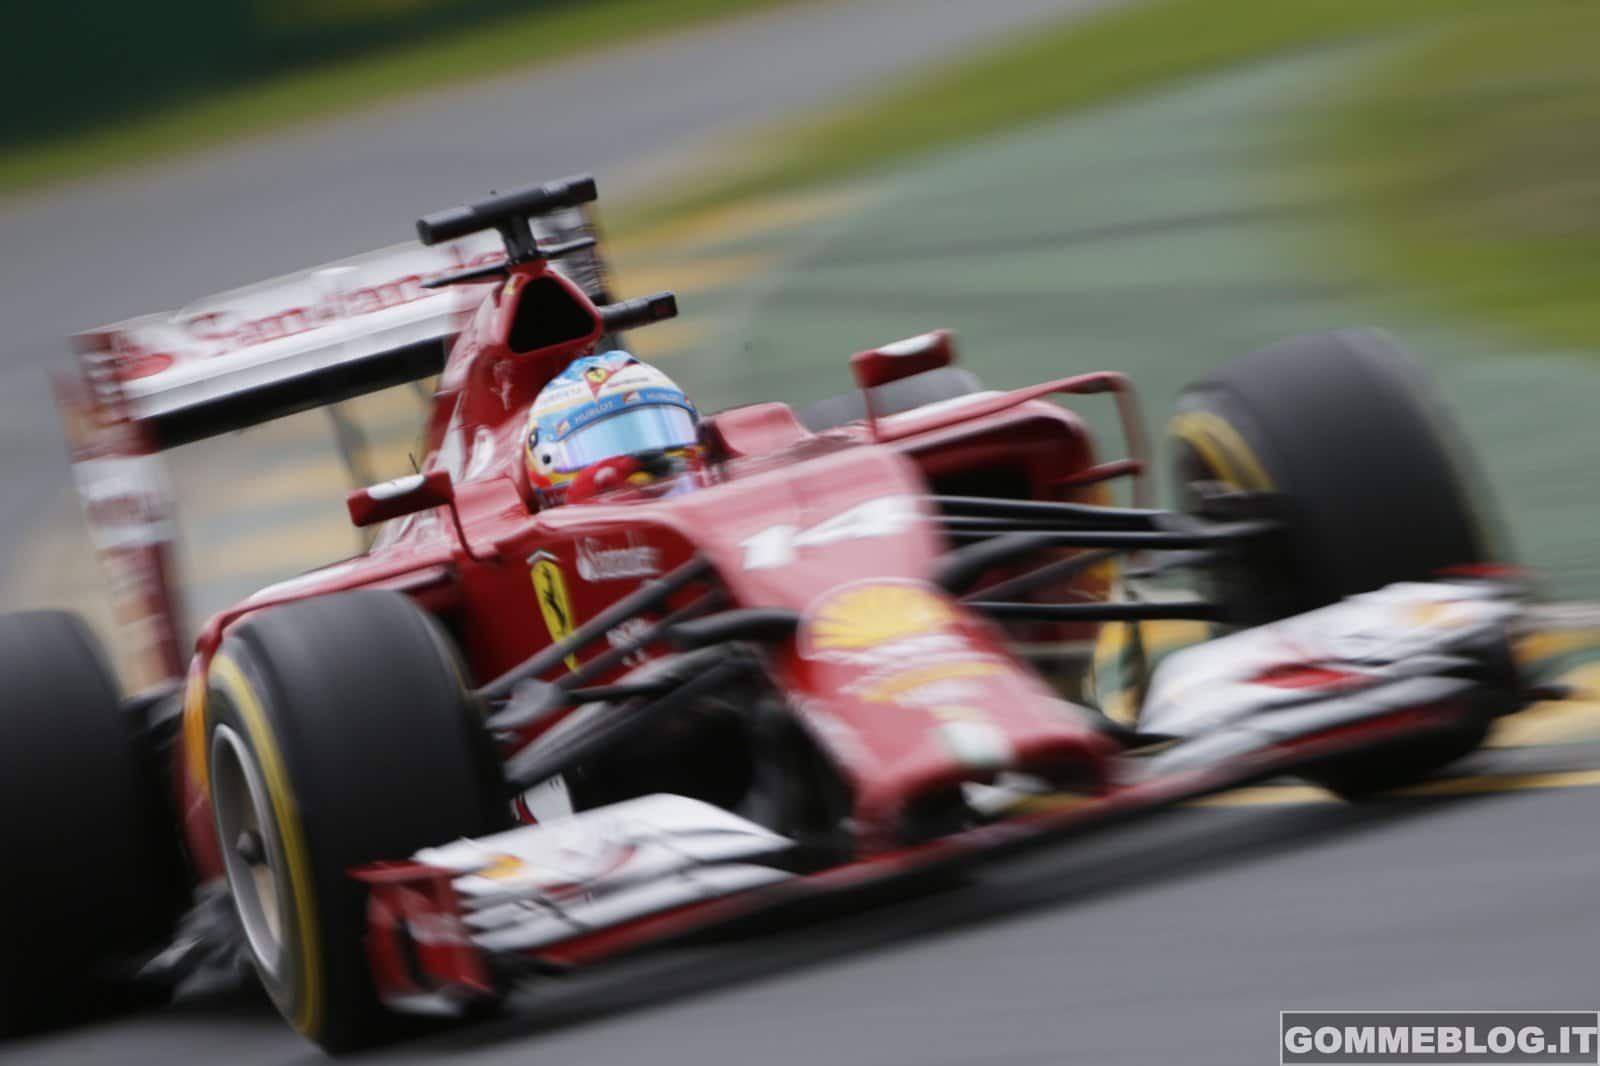 F1 GP d'Australia – La pioggia nasconde i valori in qualifica 10